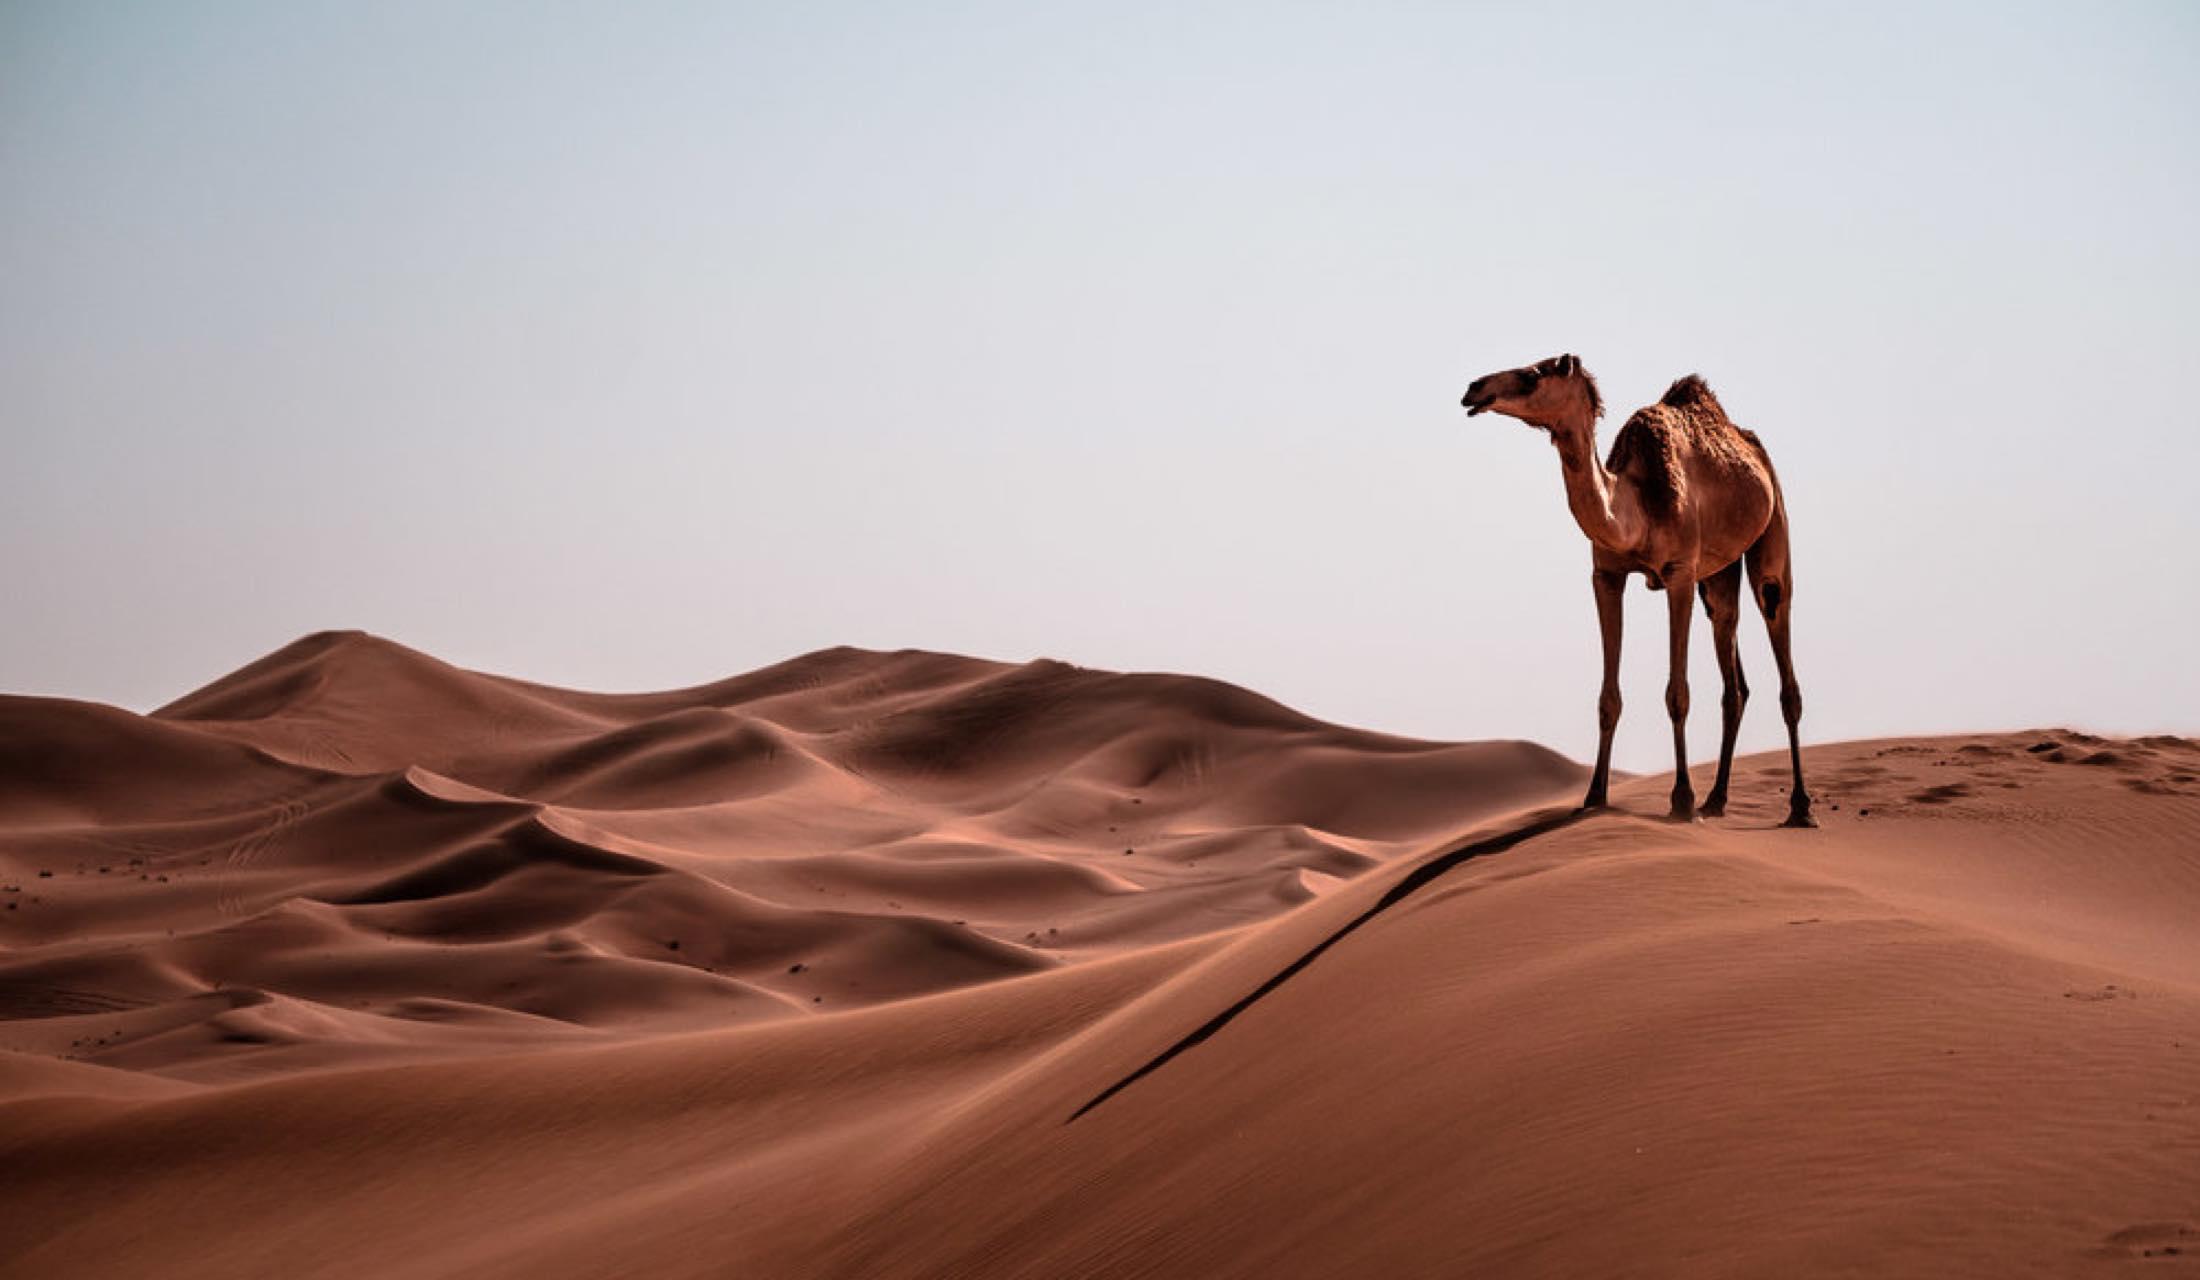 ドバイの砂漠とラクダ